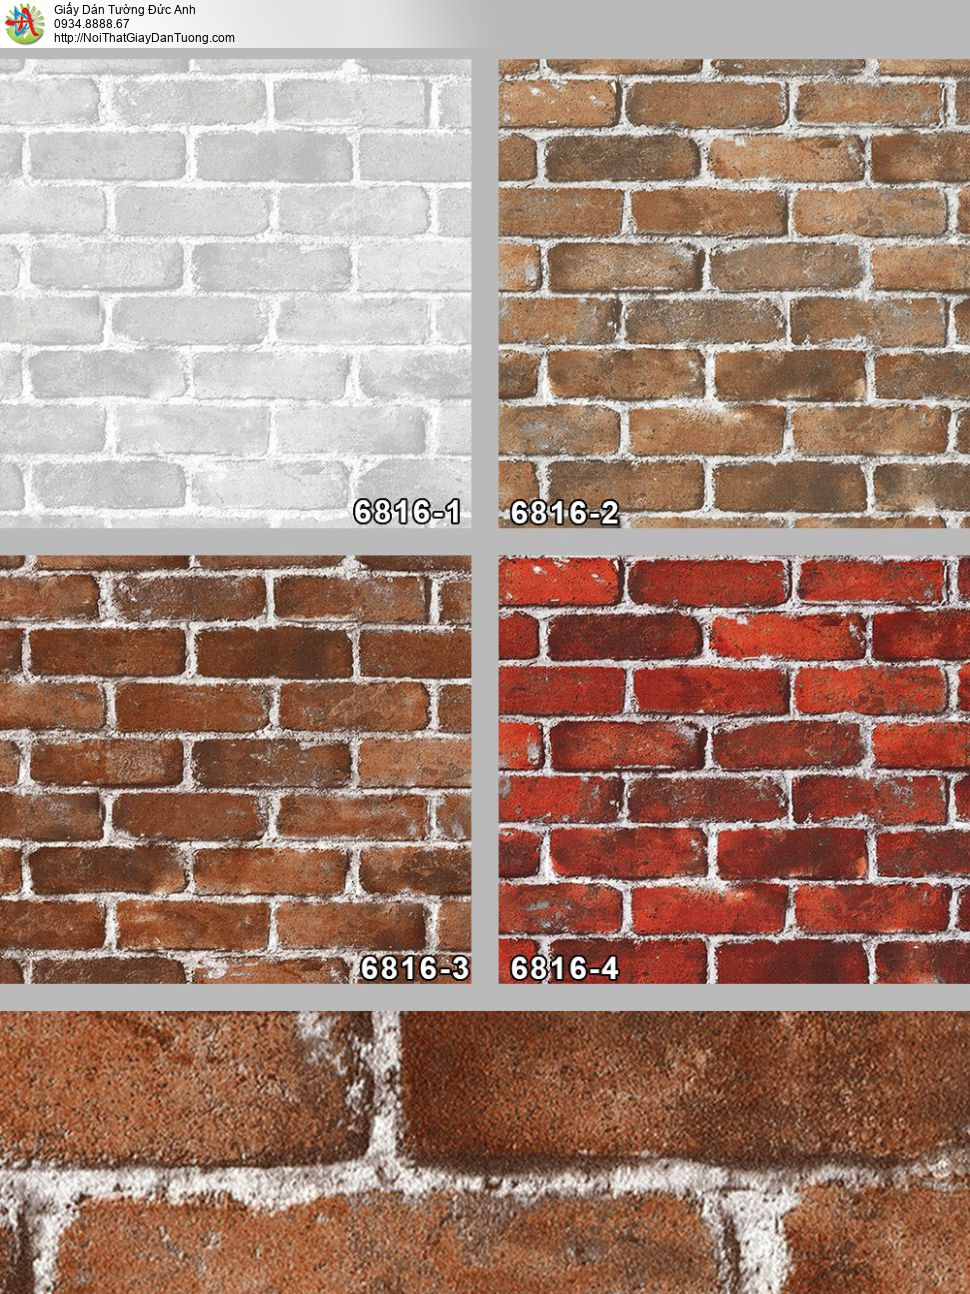 Albany 6816-1, Giấy dán tường giả gạch màu trắng, giấy giả gạch 3D hiện đại màu trắng xám